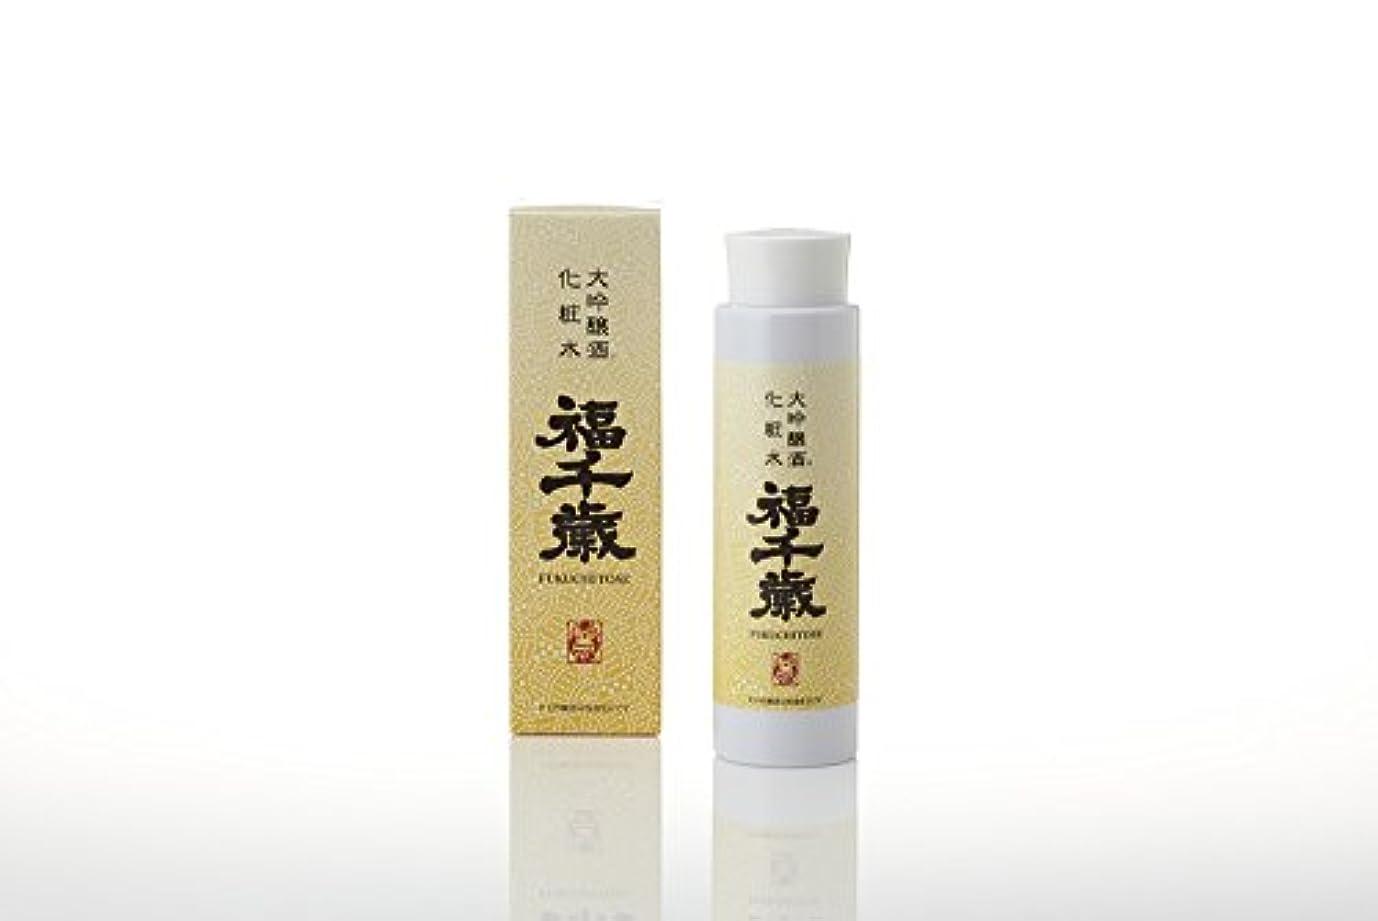 タイプ徐々にフォーマル福千歳 大吟醸酒化粧水150ml